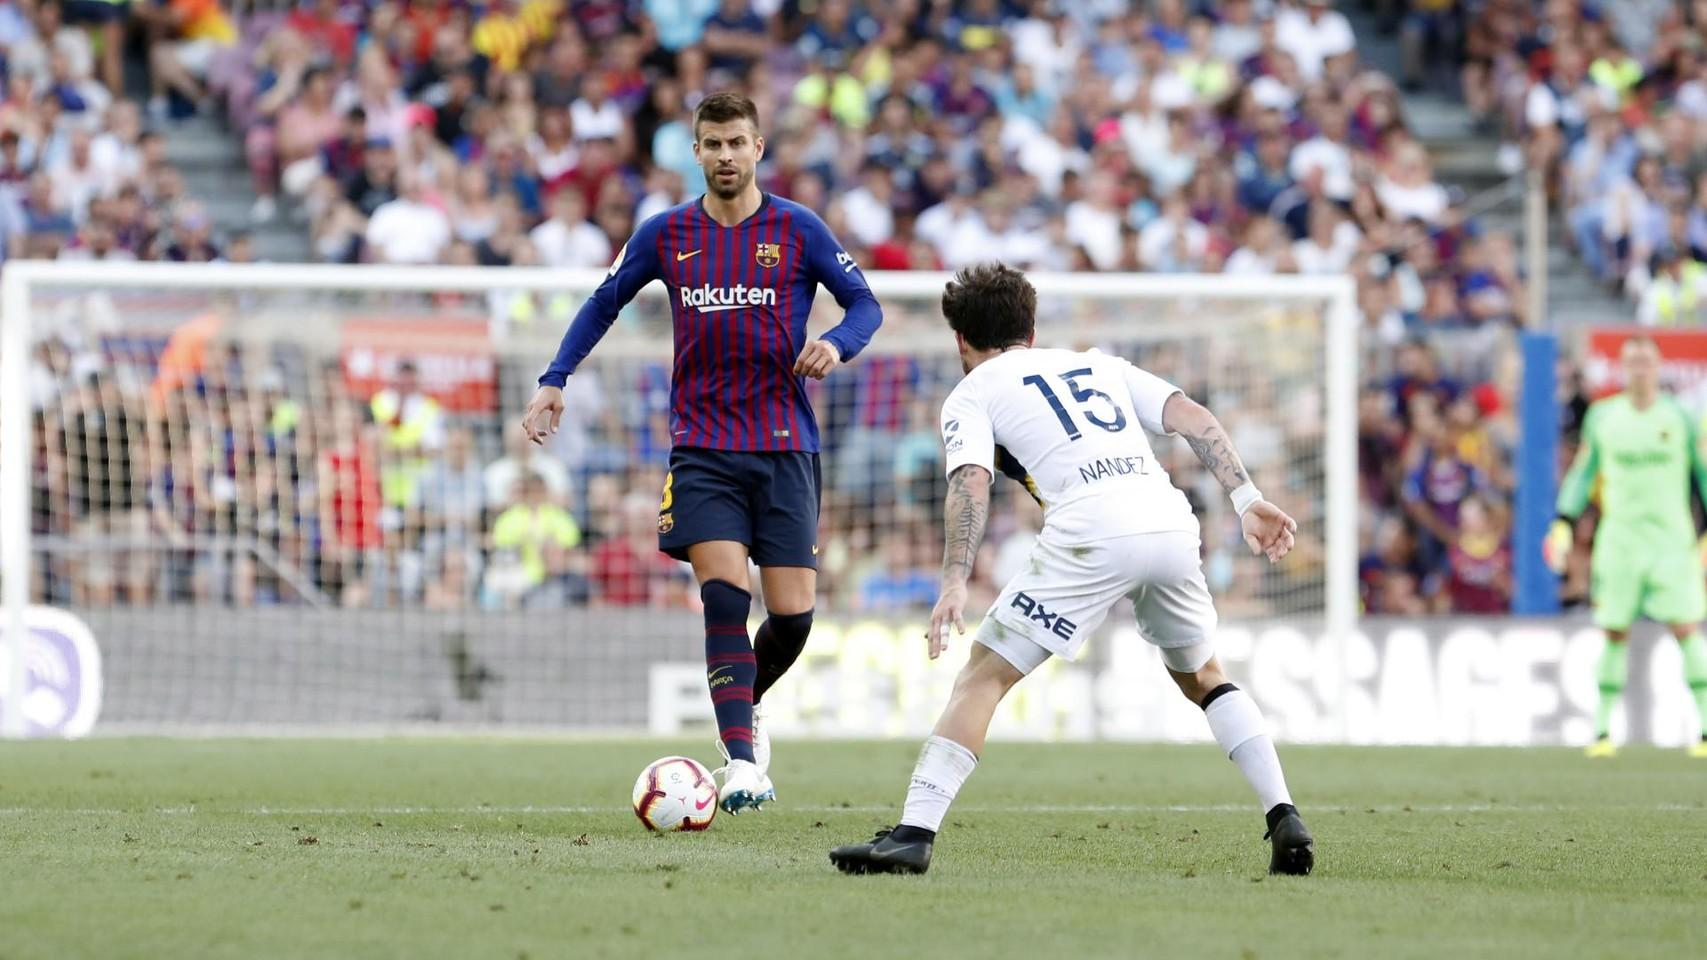 صور مباراة : برشلونة - بوكا جونيورز ( 16-08-2018 )  95974475